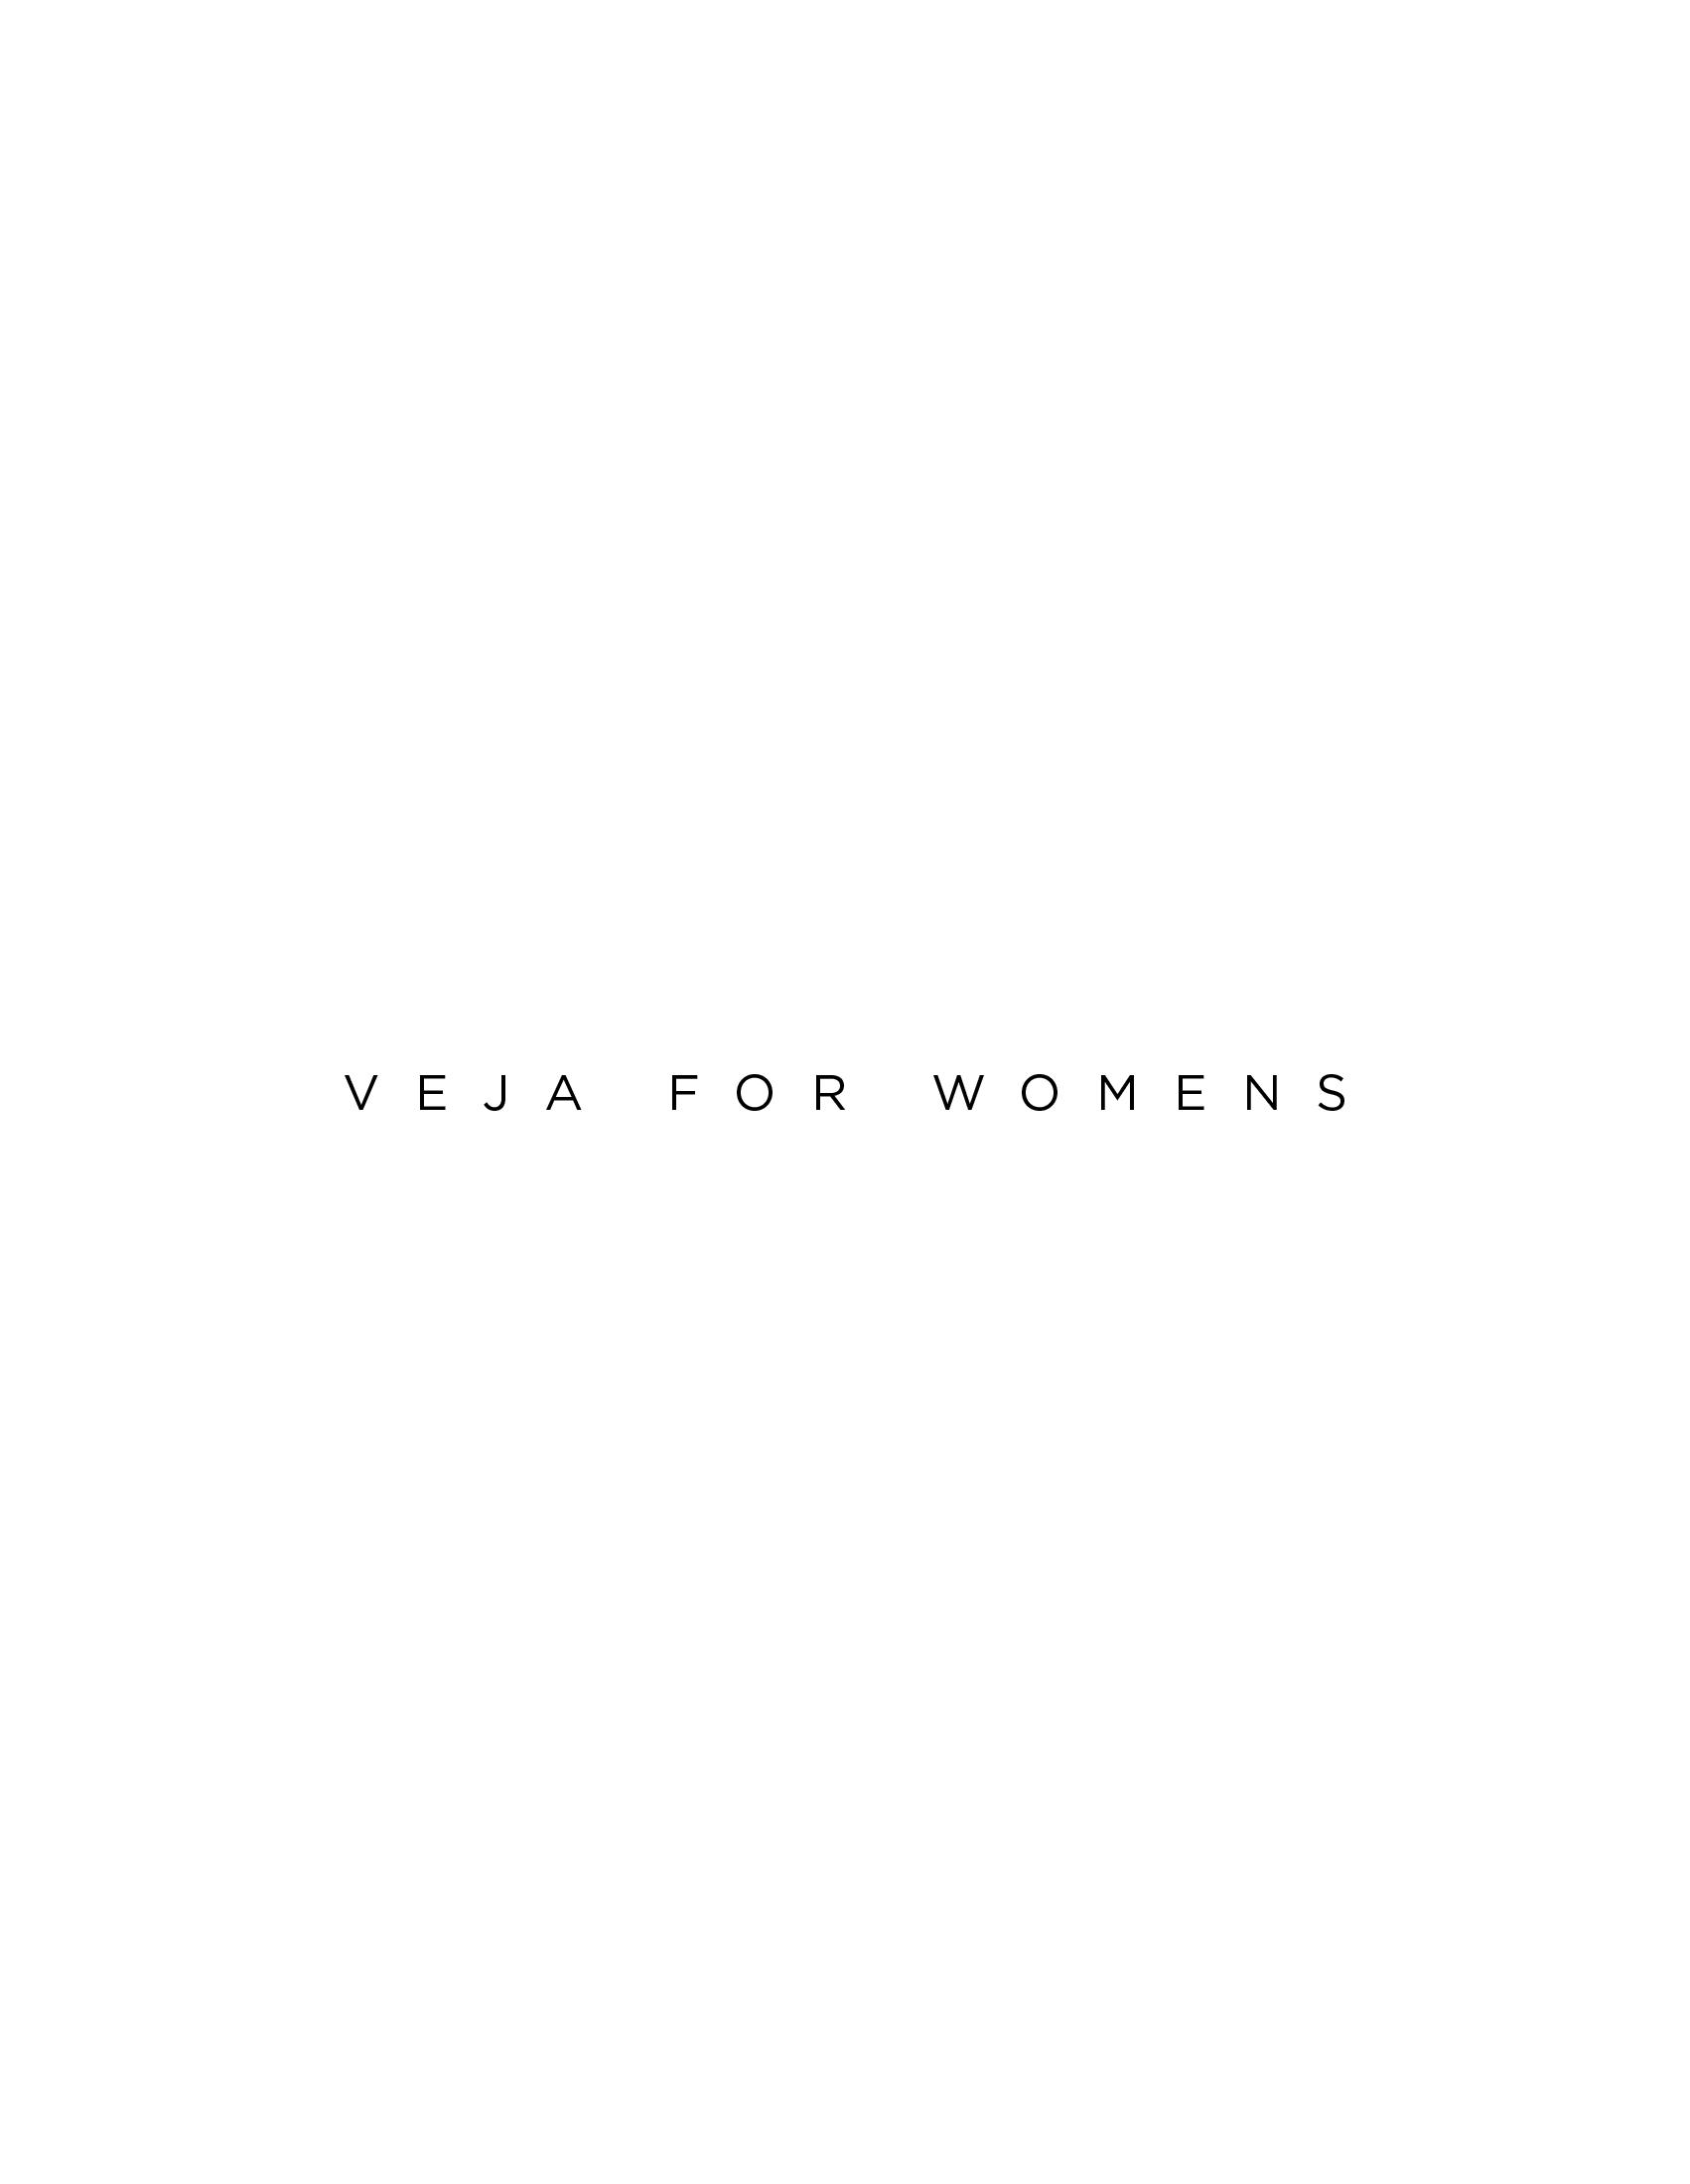 Veja for womens